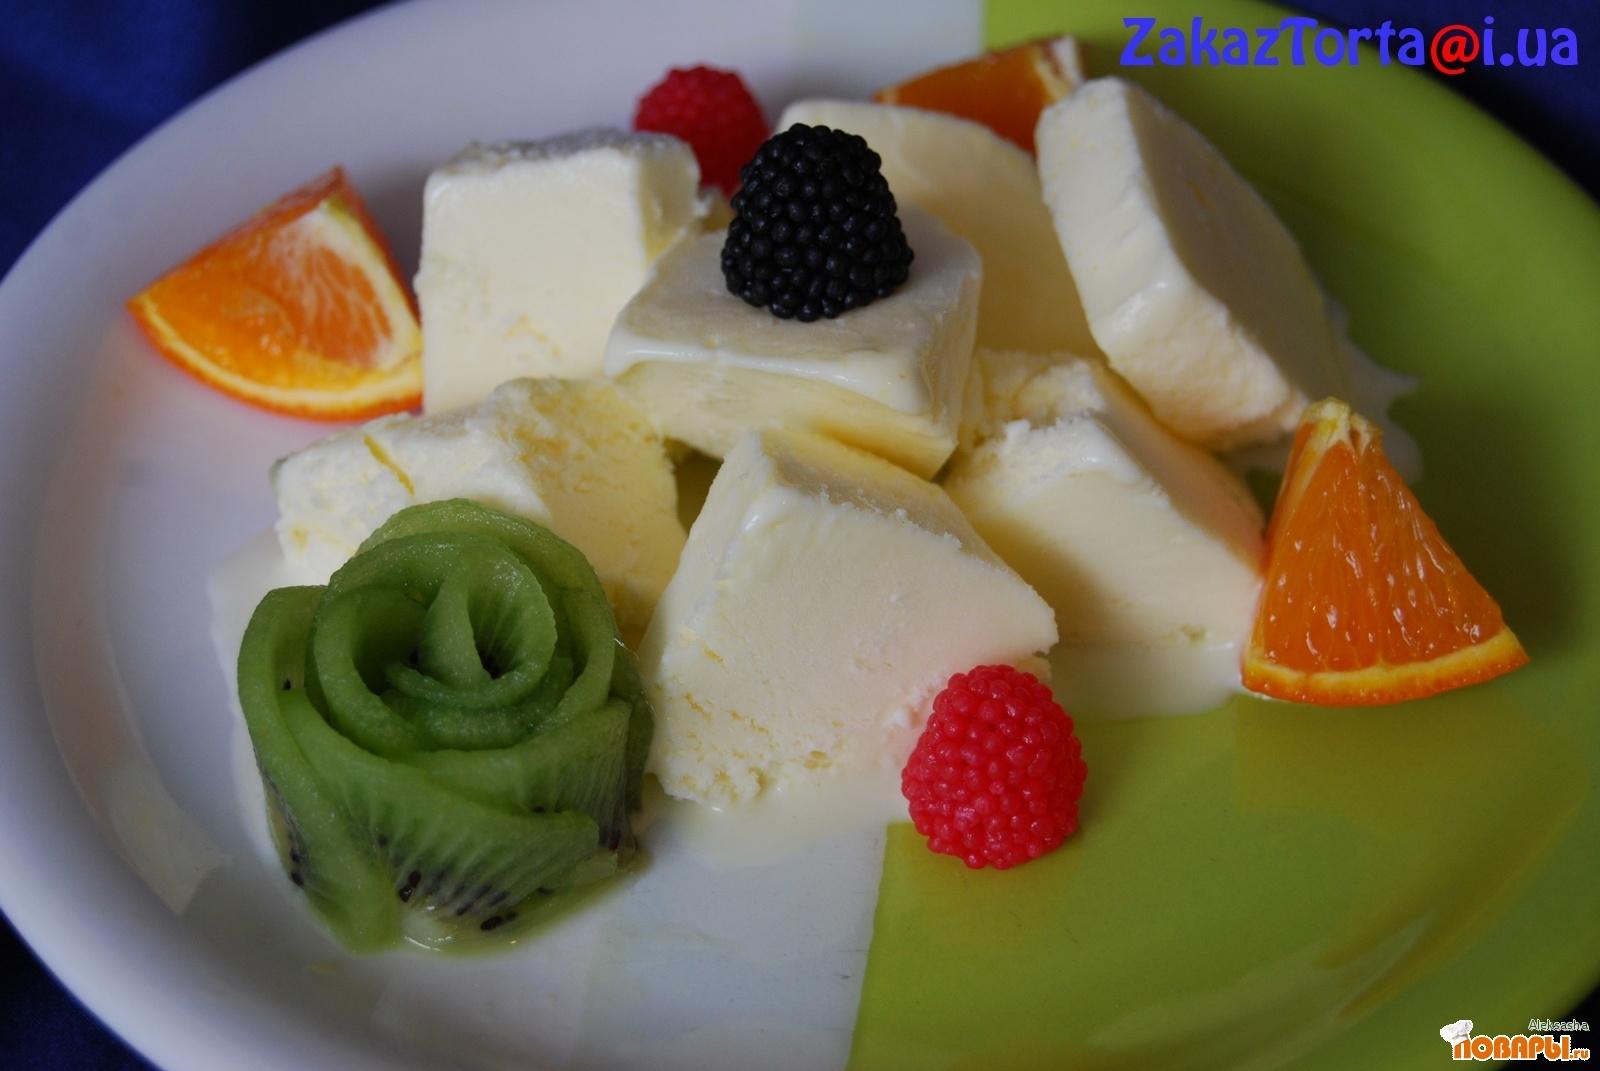 Рецепт Домашнее ванильное мороженое